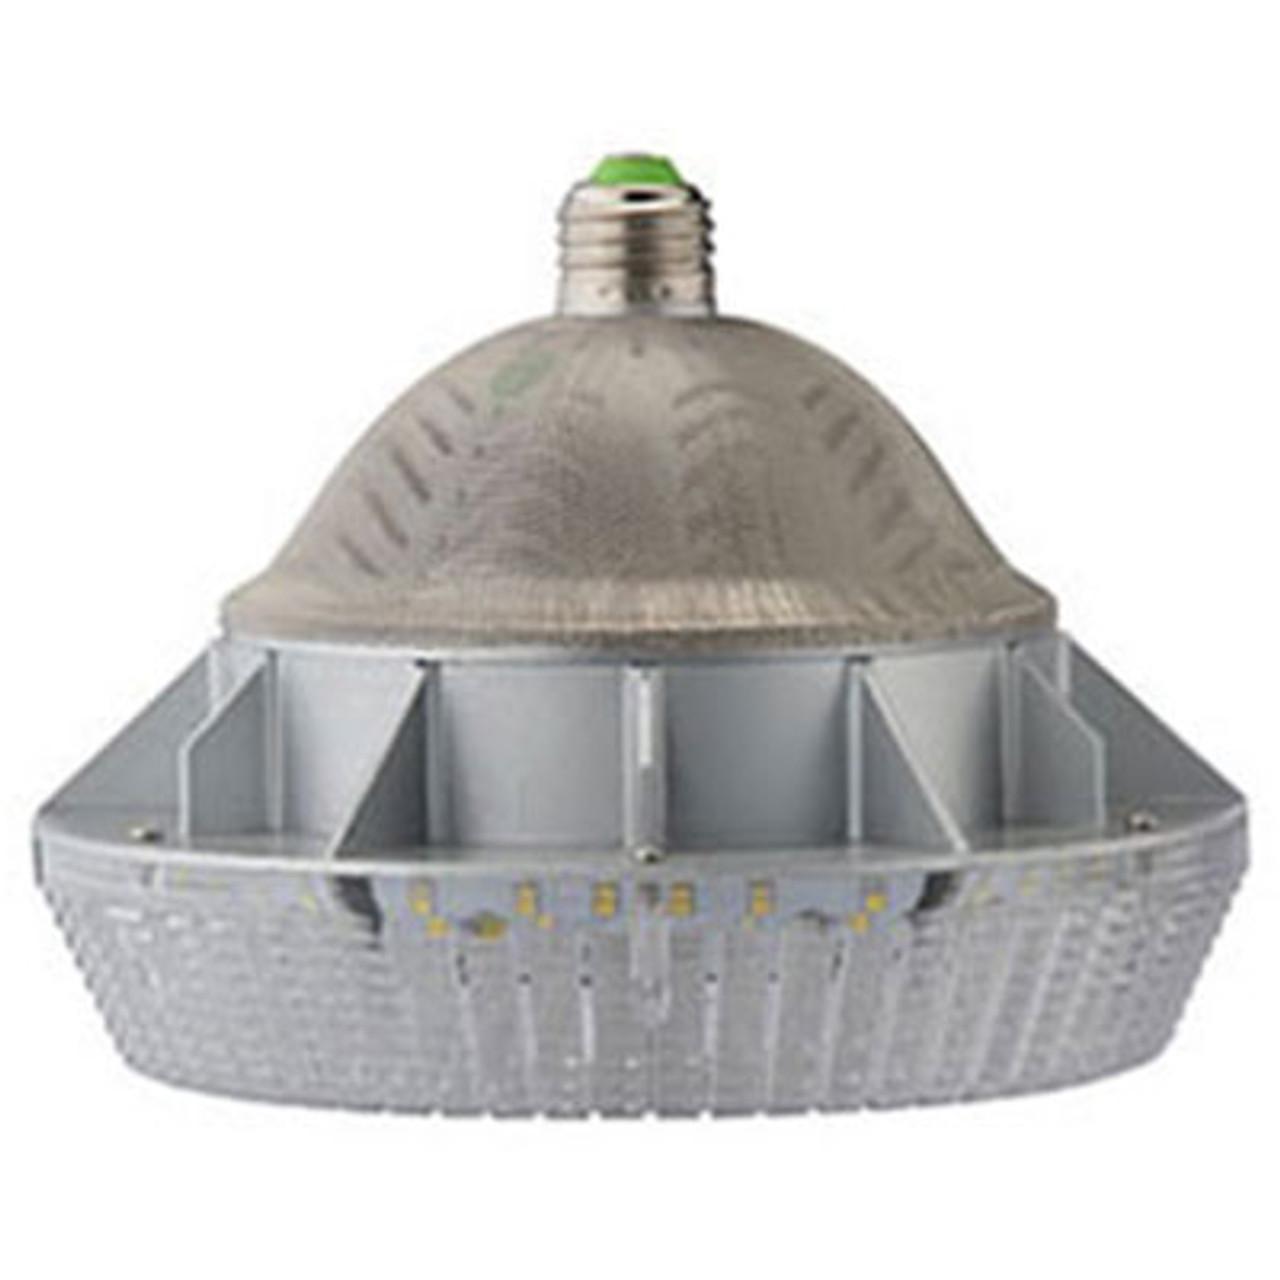 LED-8025E 52W, E26 Base Low Bay LED Retrofit